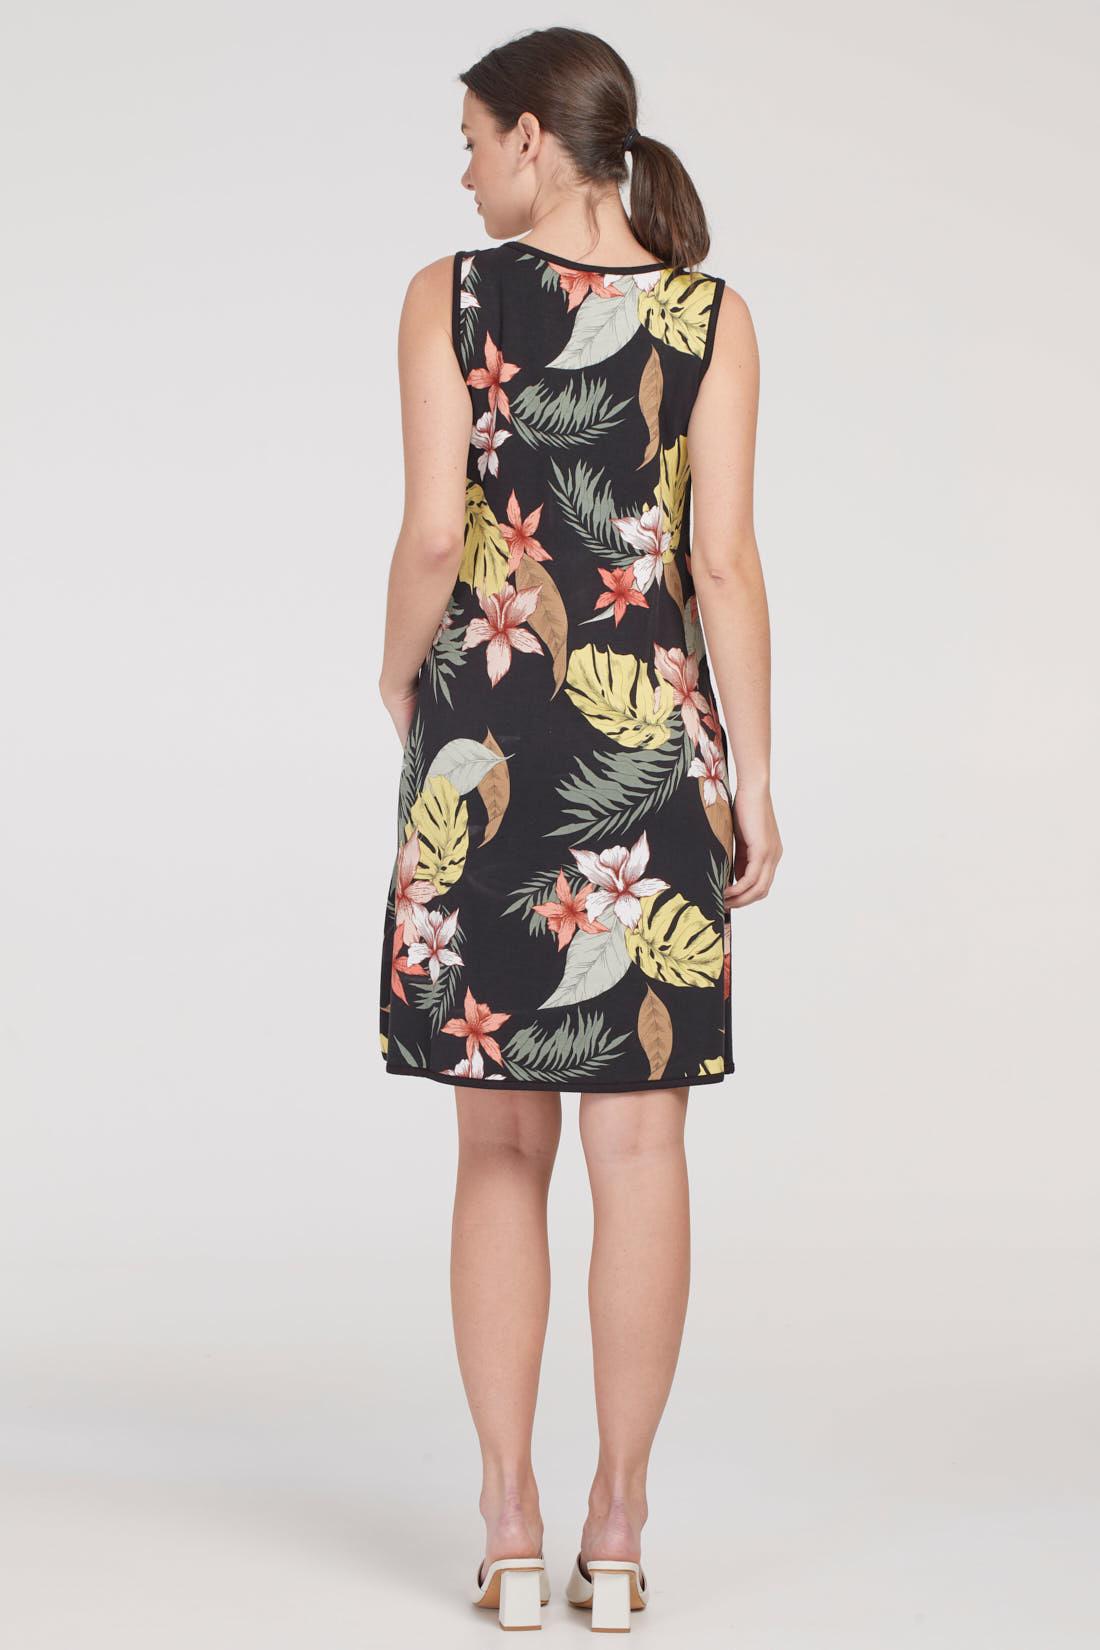 Reversible Print Dress